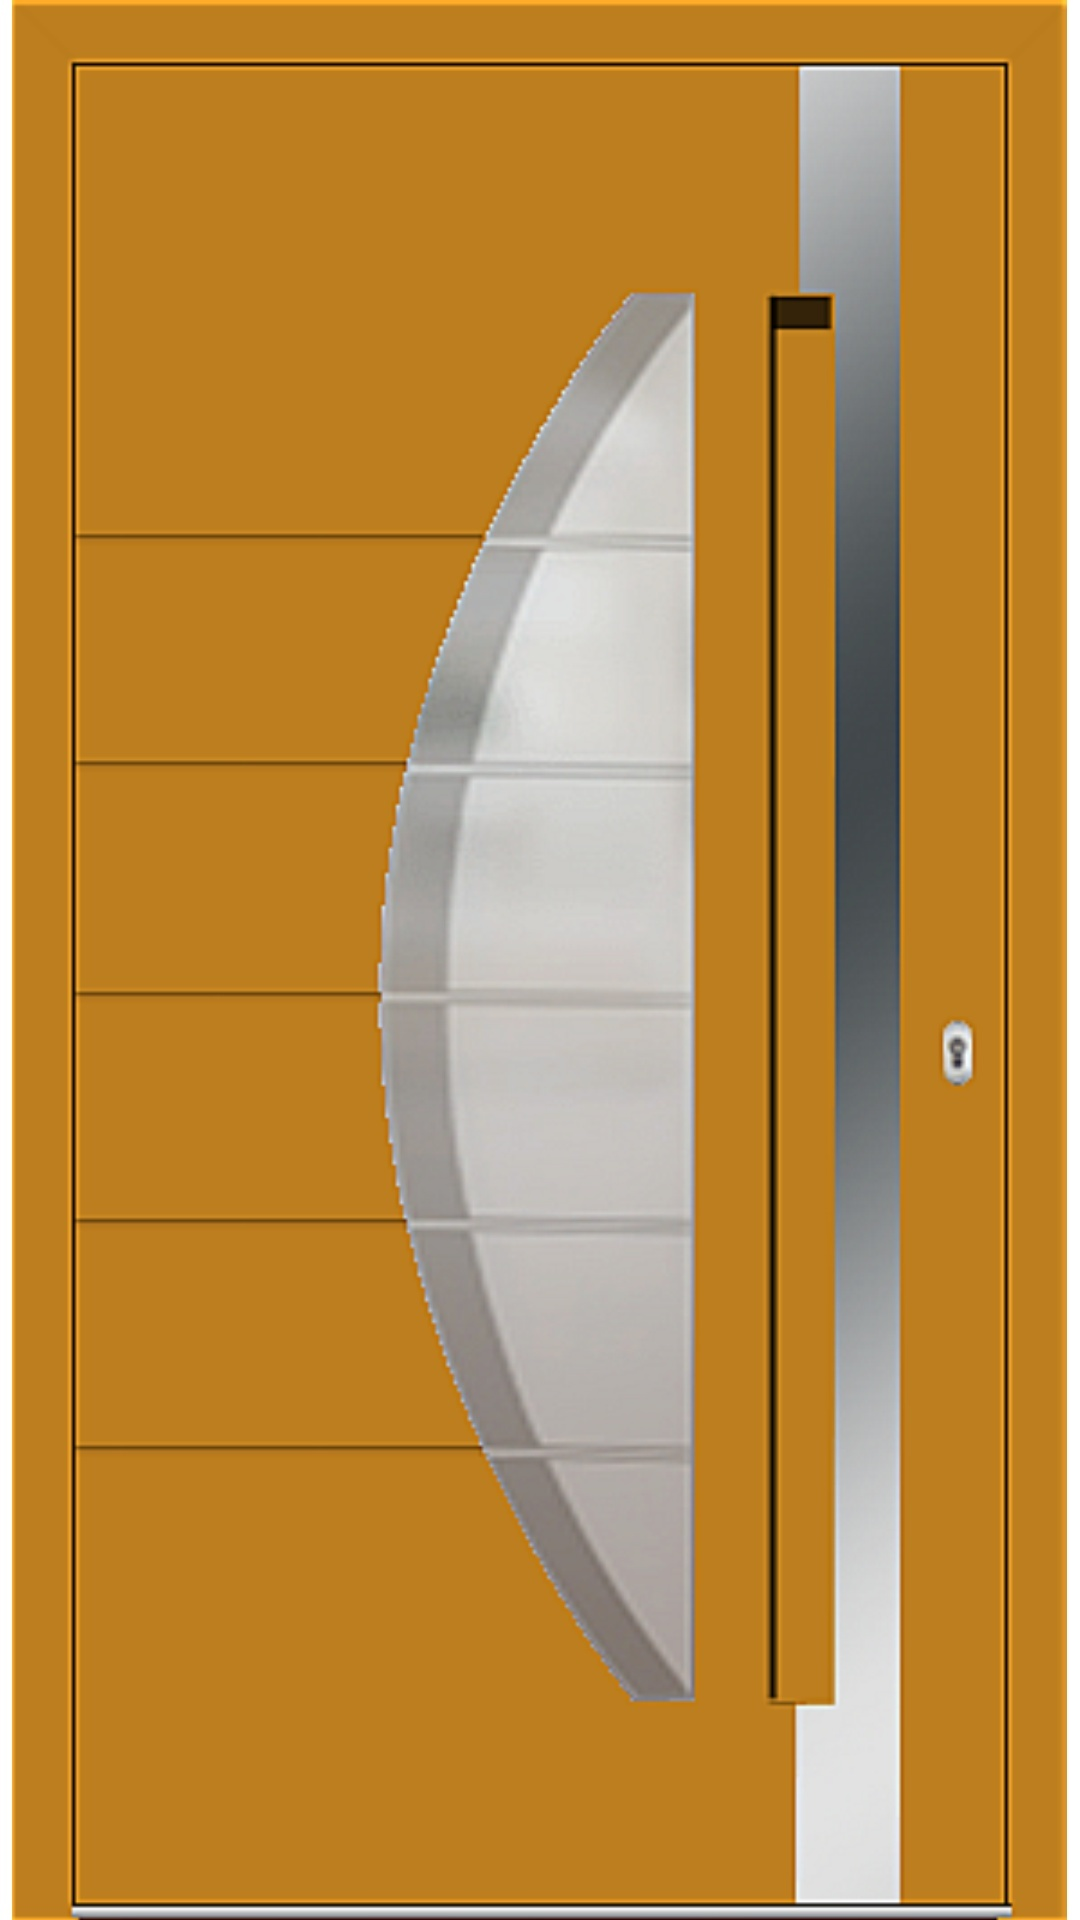 Aluminium Haustür Modell 6973-40 honiggelb